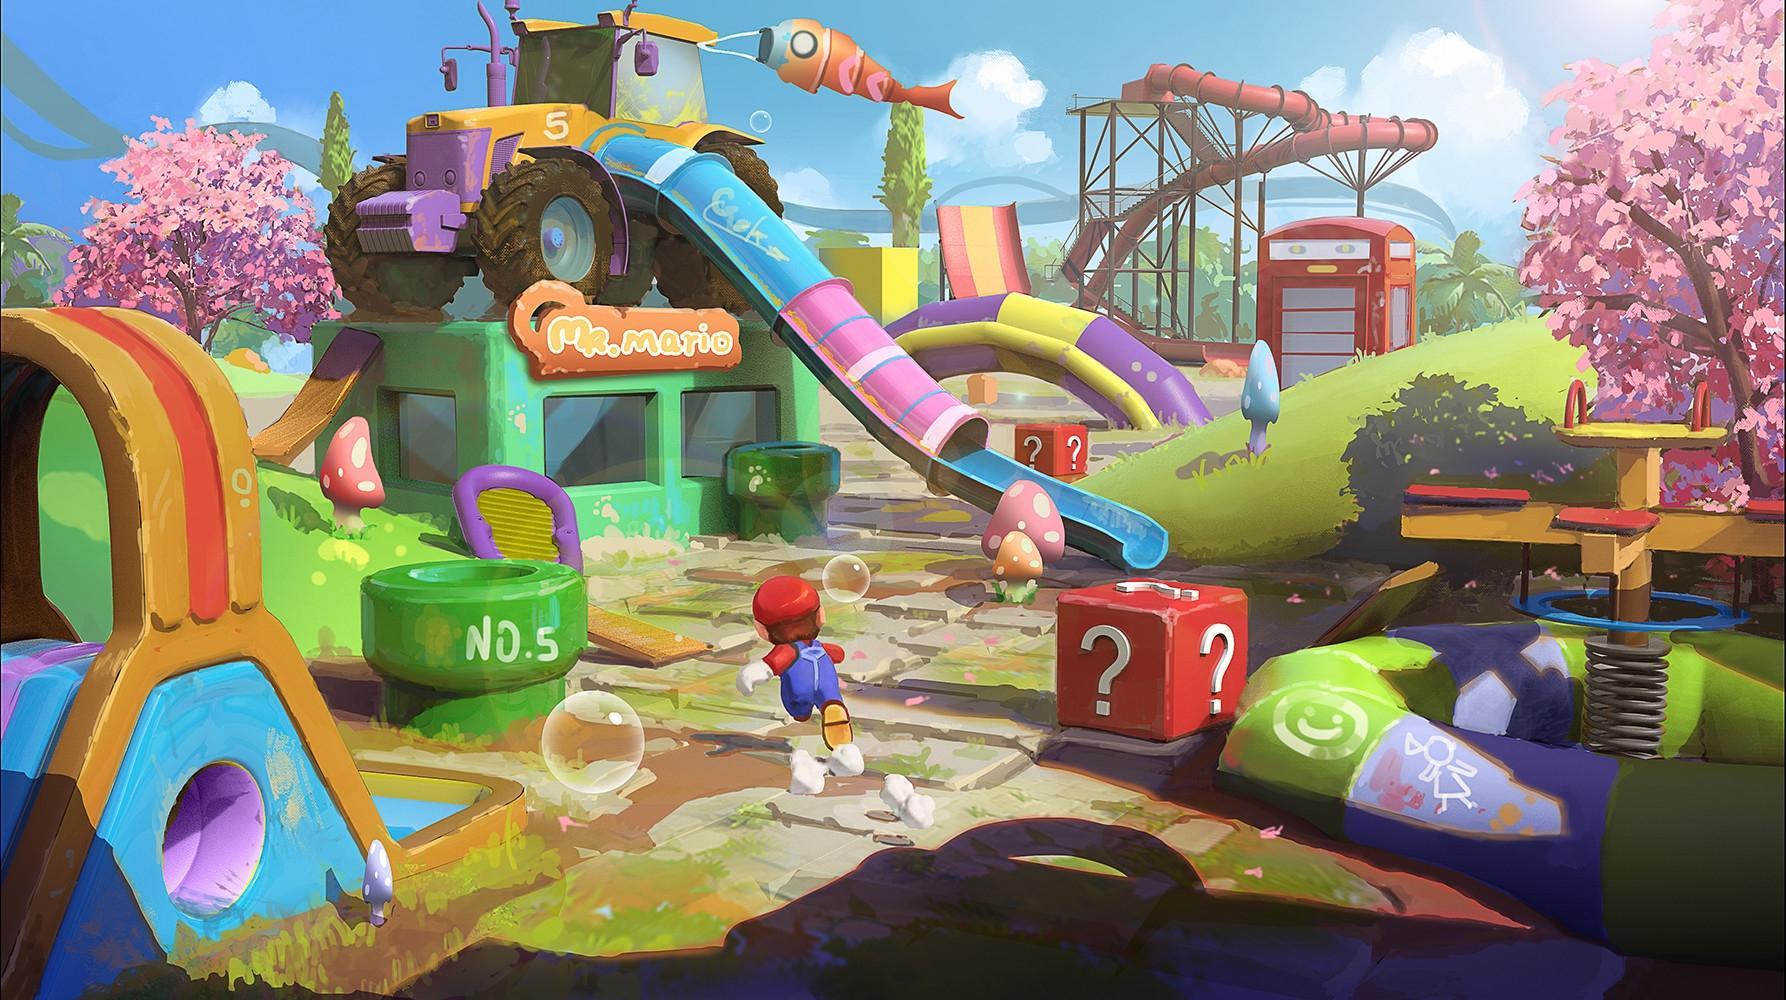 Criando Games: Conheça o mercado de Jogos Digitais!